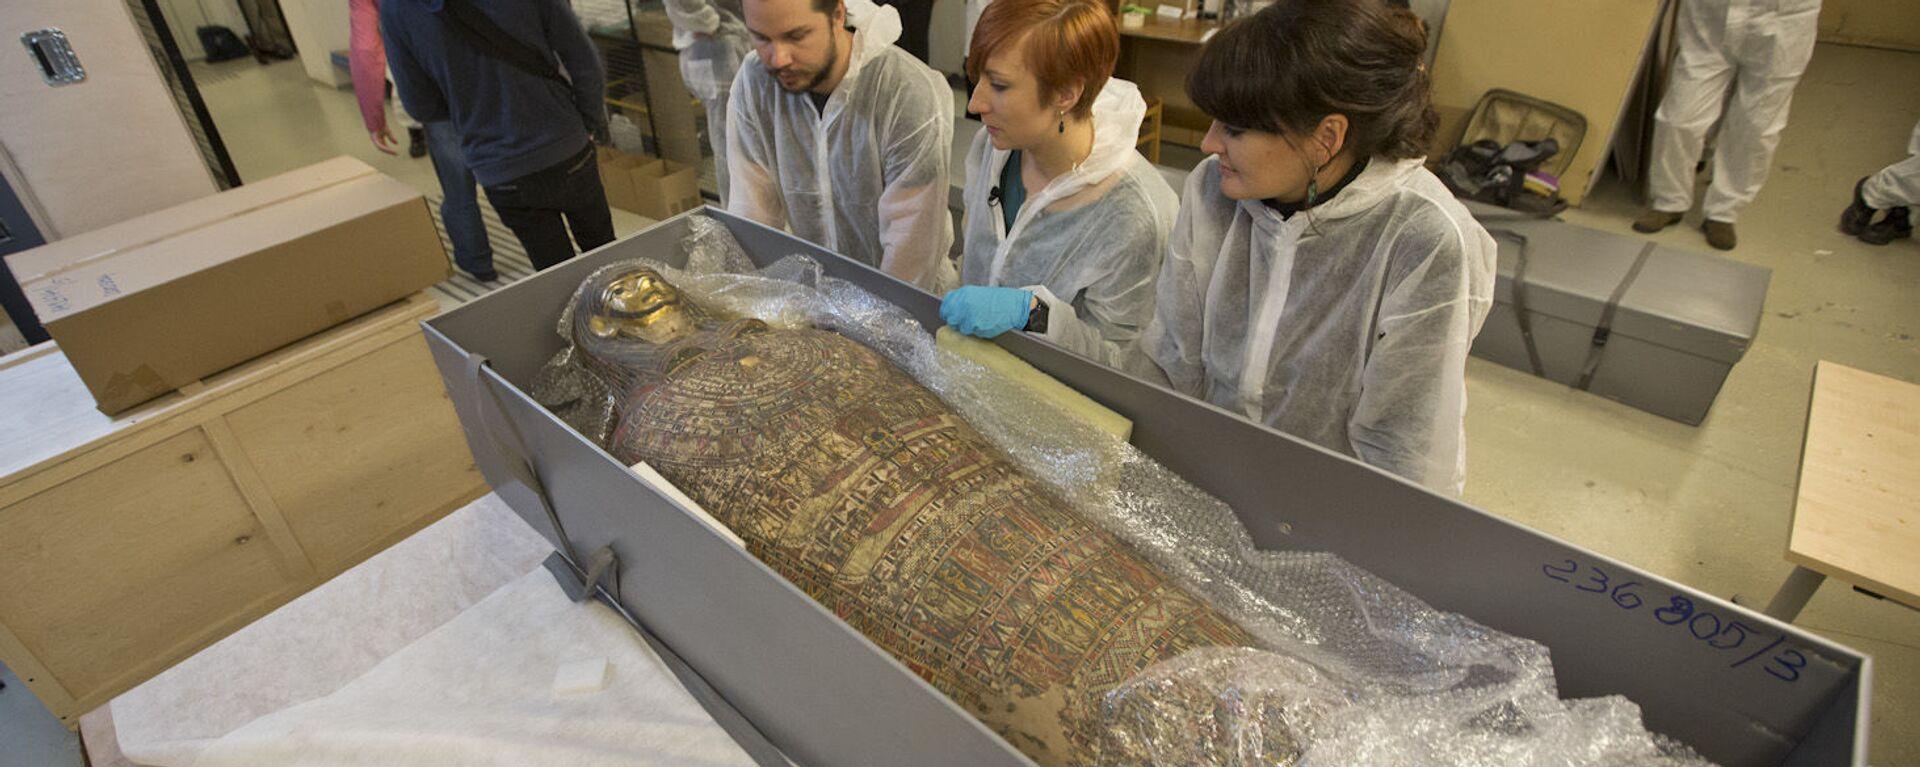 Badania radiologiczne starożytnej mumii w Warszawie wykazały, że jest to ciało kobiety w ciąży - Sputnik Polska, 1920, 01.05.2021